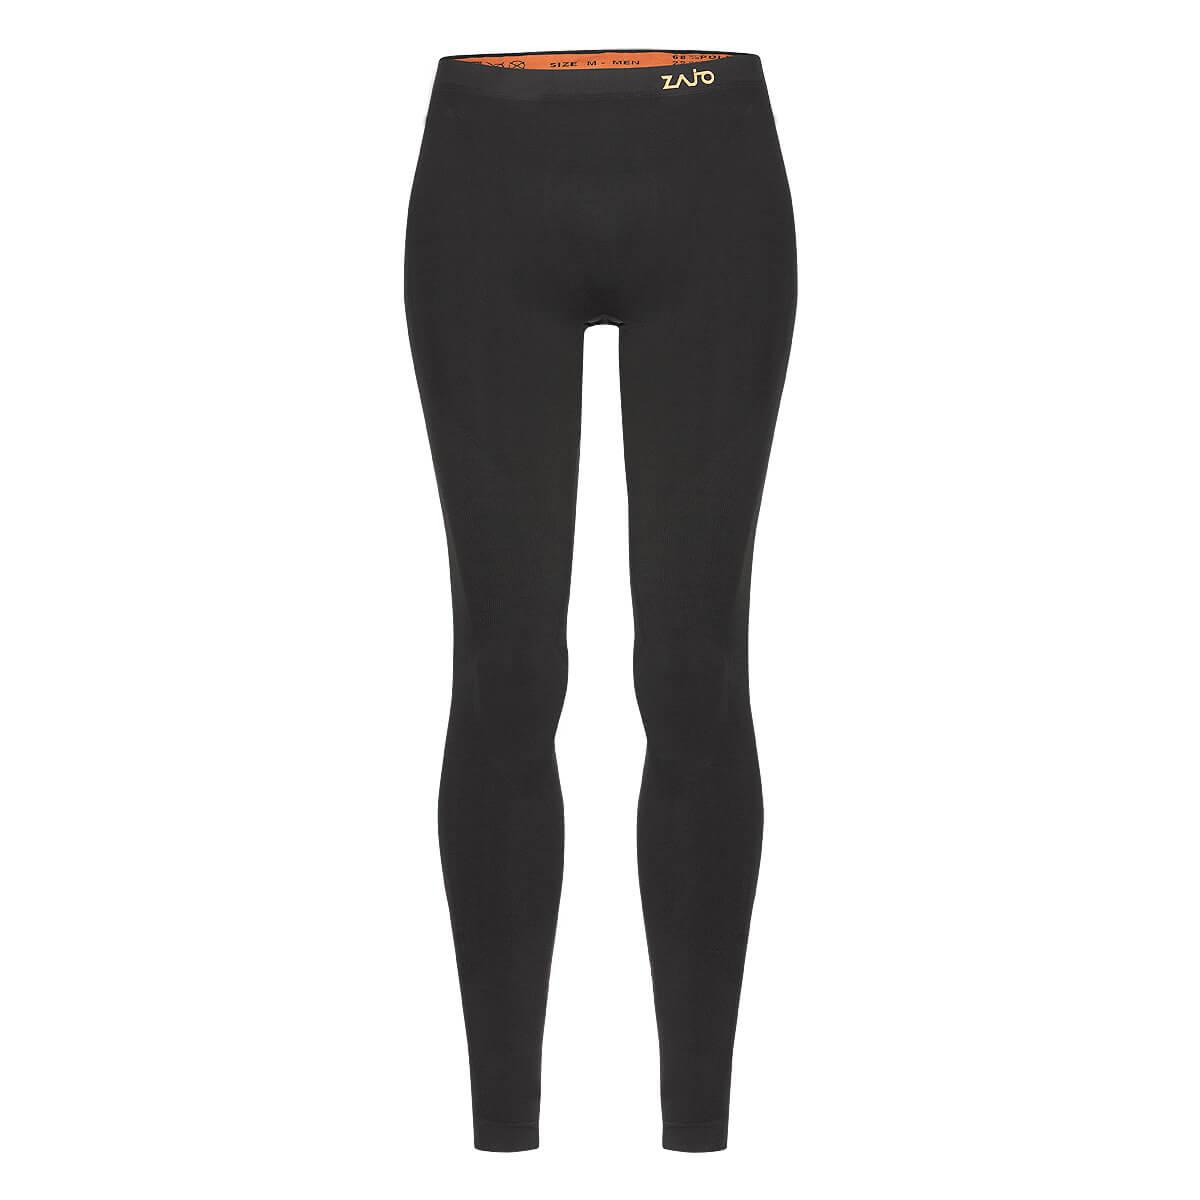 Pánske spodné prádlo Contour M Pants Black - veľkosť L